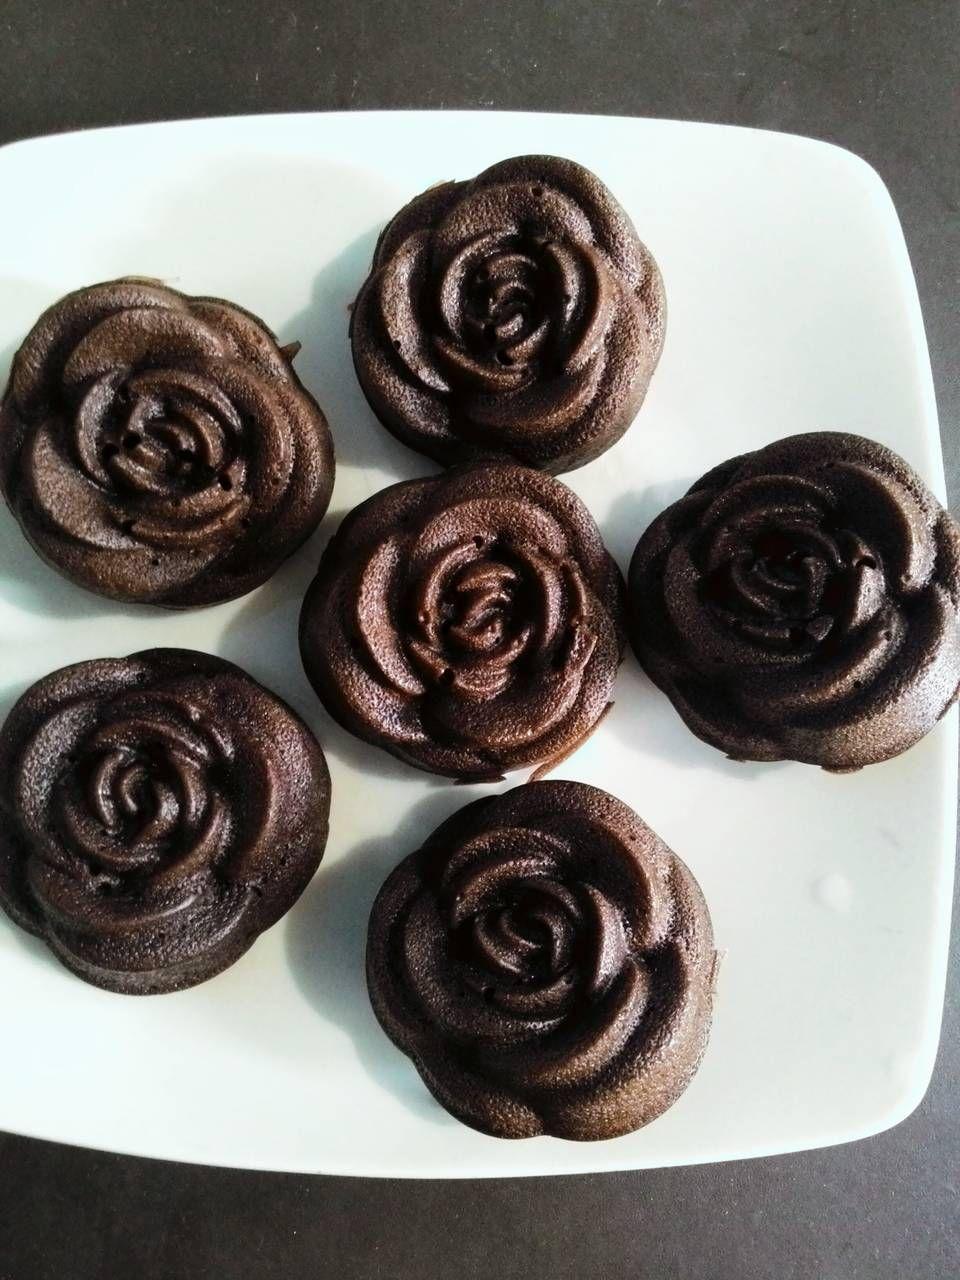 Resep Brownies Kukus Mawar Oleh Amie Resep Makanan Penutup Coklat Cake Mini Makanan